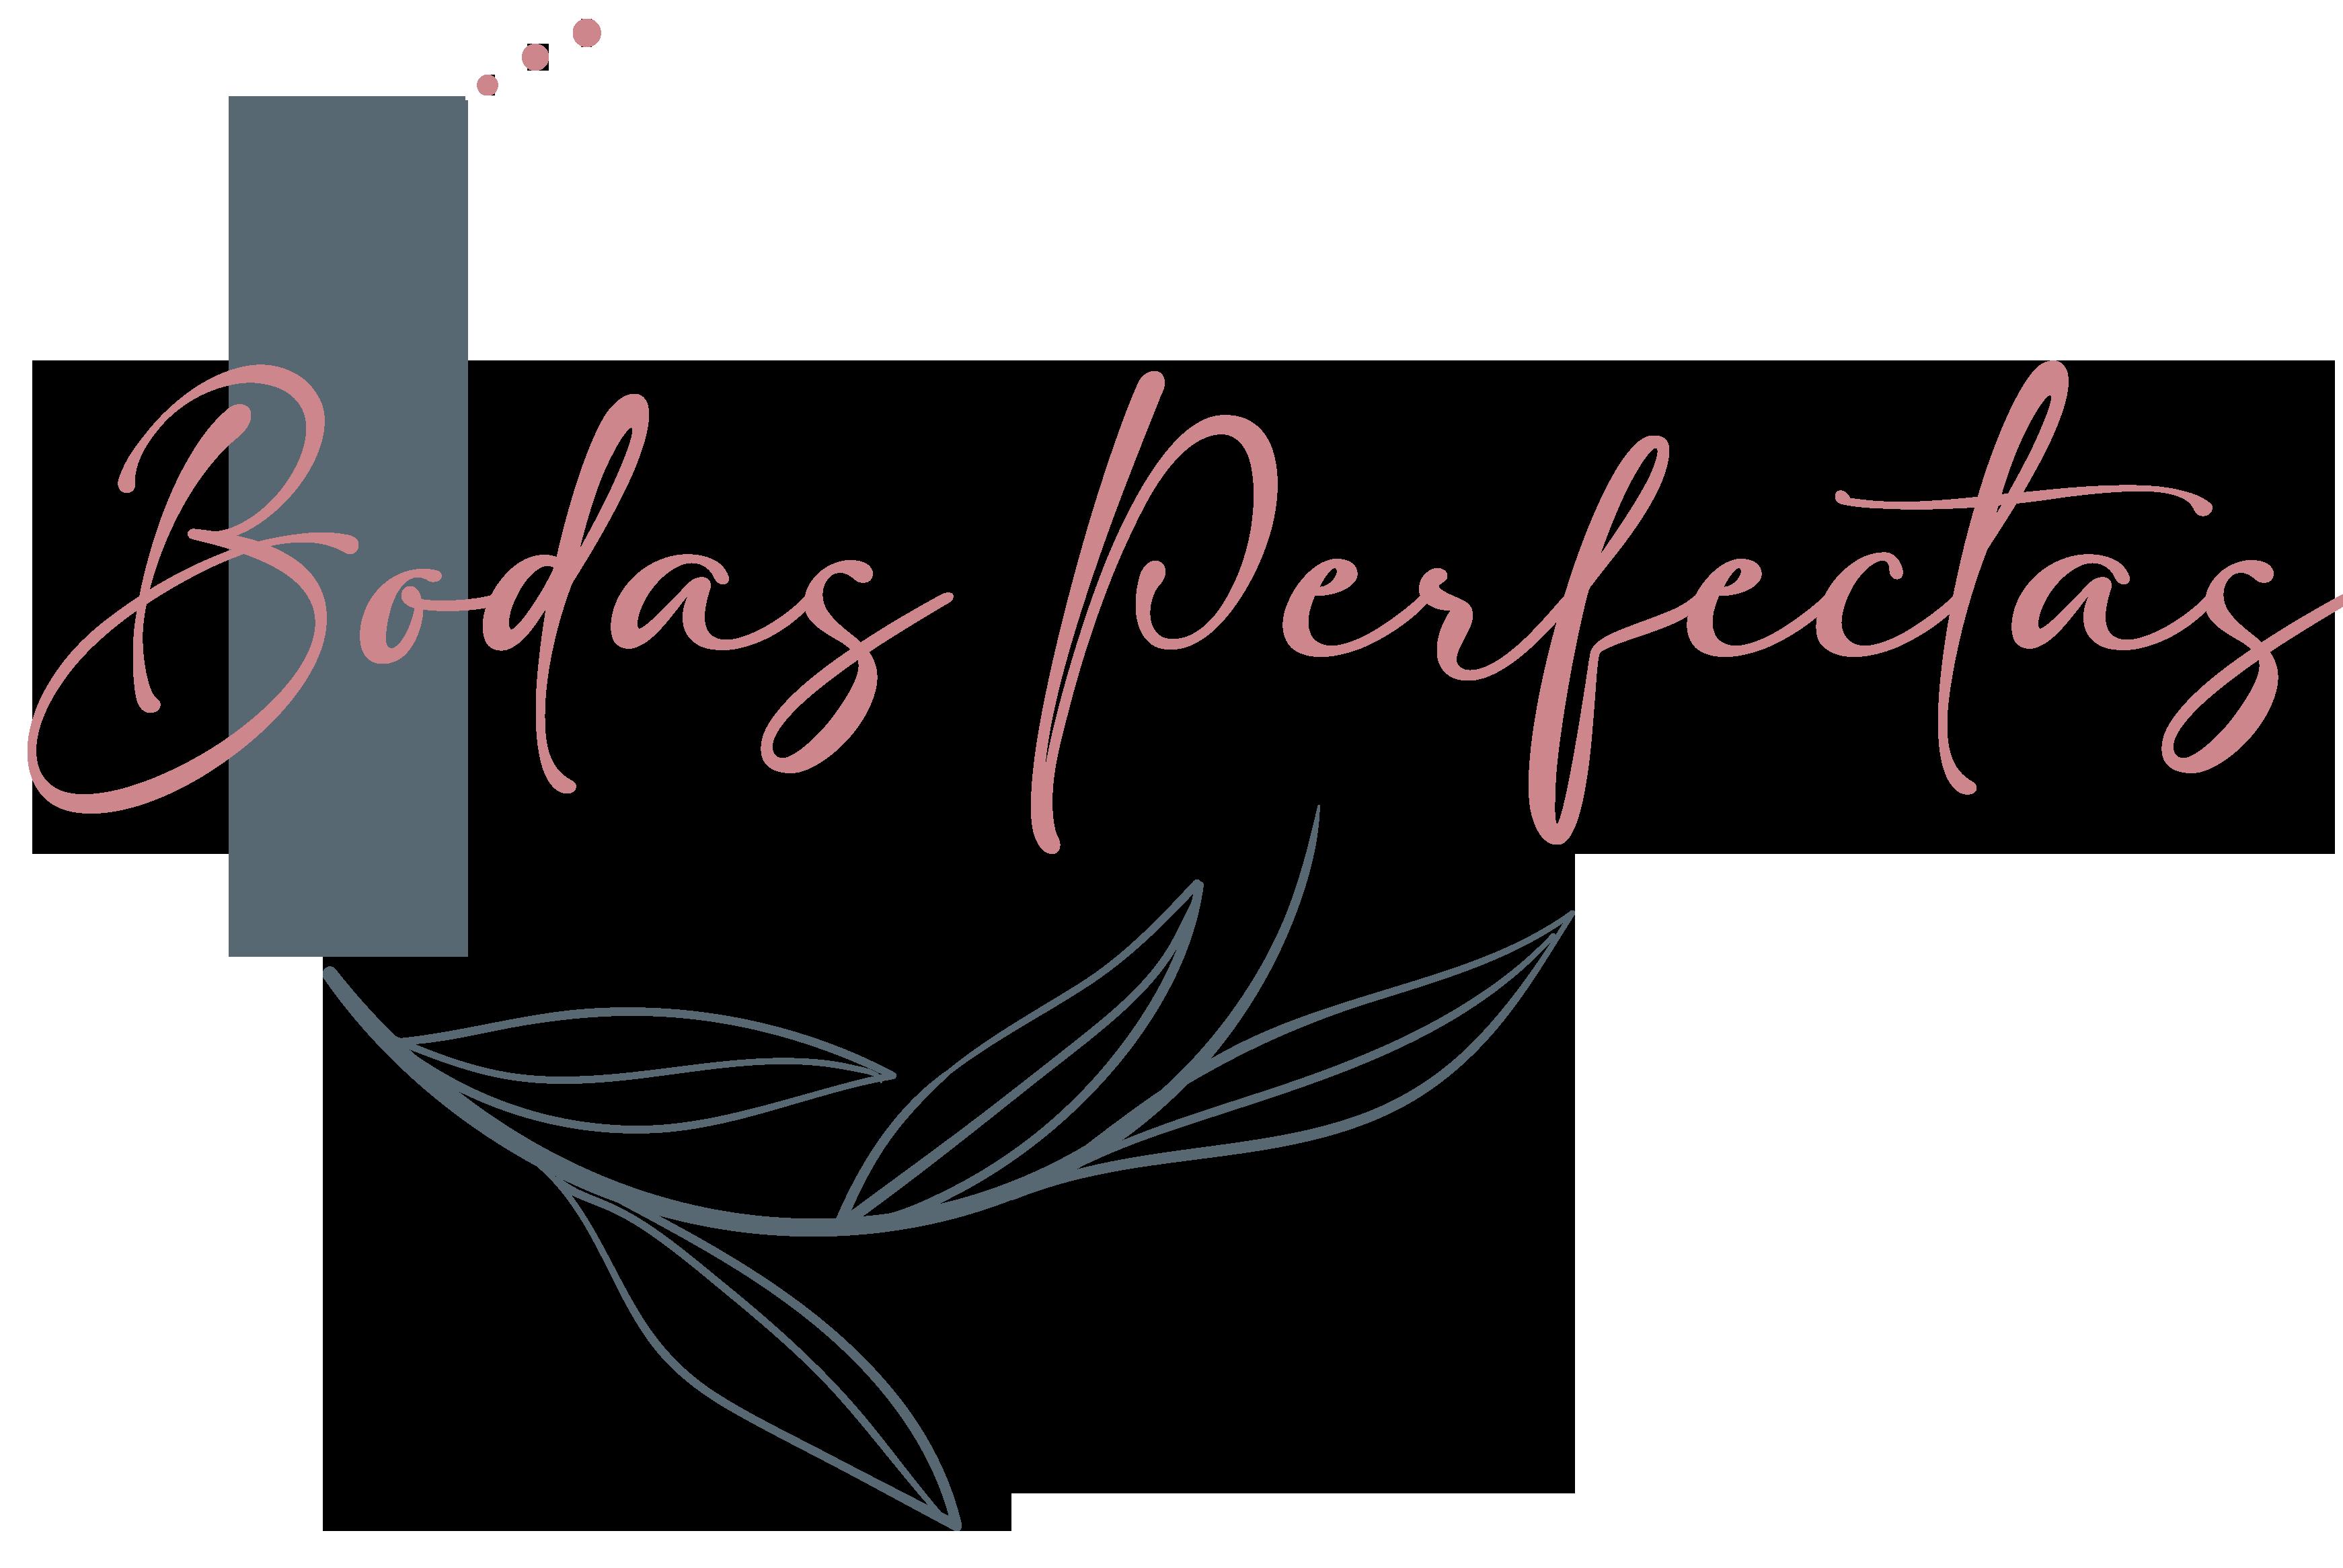 Bodas Perfectas